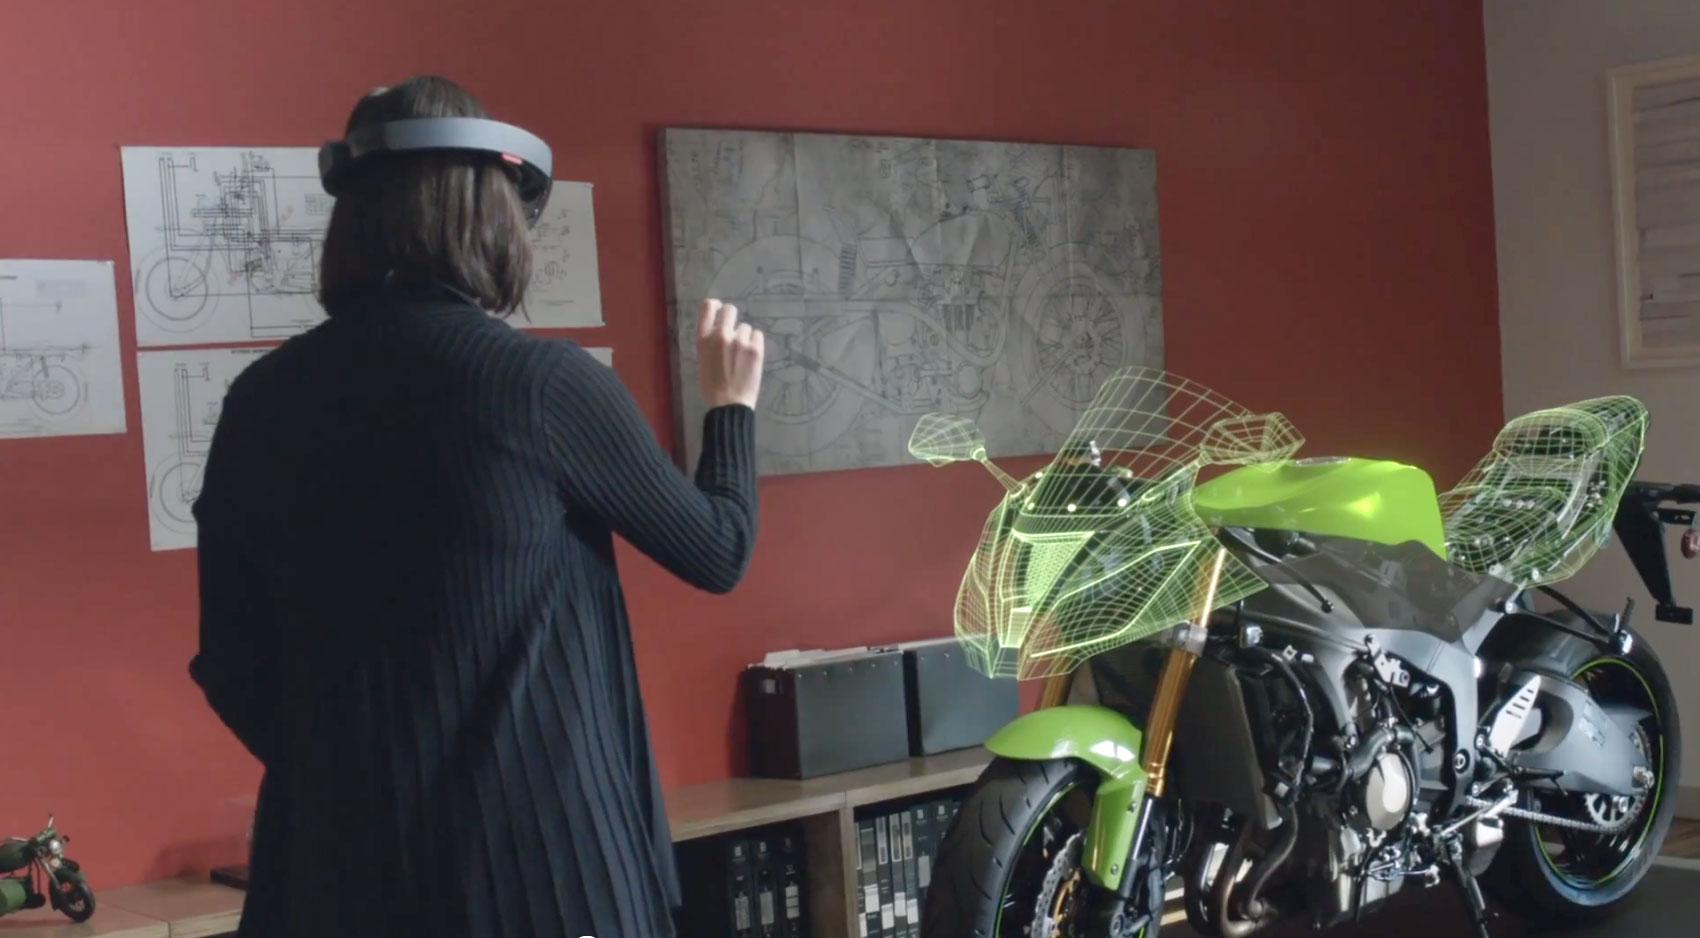 Las Hololens crean un entorno de realidad aumentada